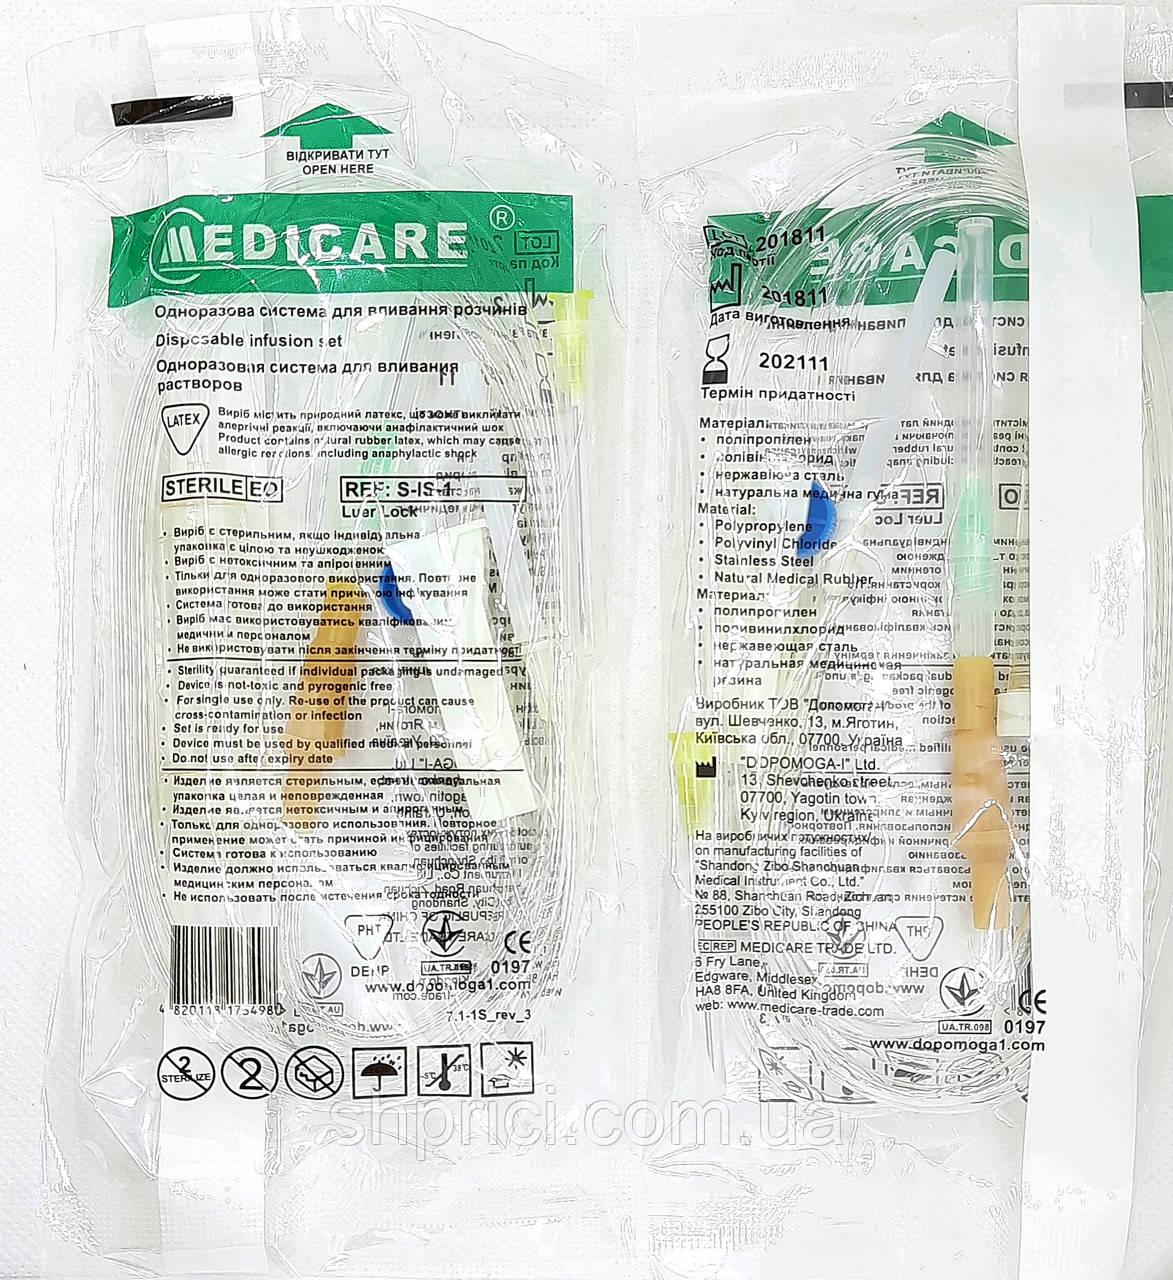 Система инфузионная для переливания растворов (устройство ПР) металлическая игла G21 Luer Lock/ MEDICARE